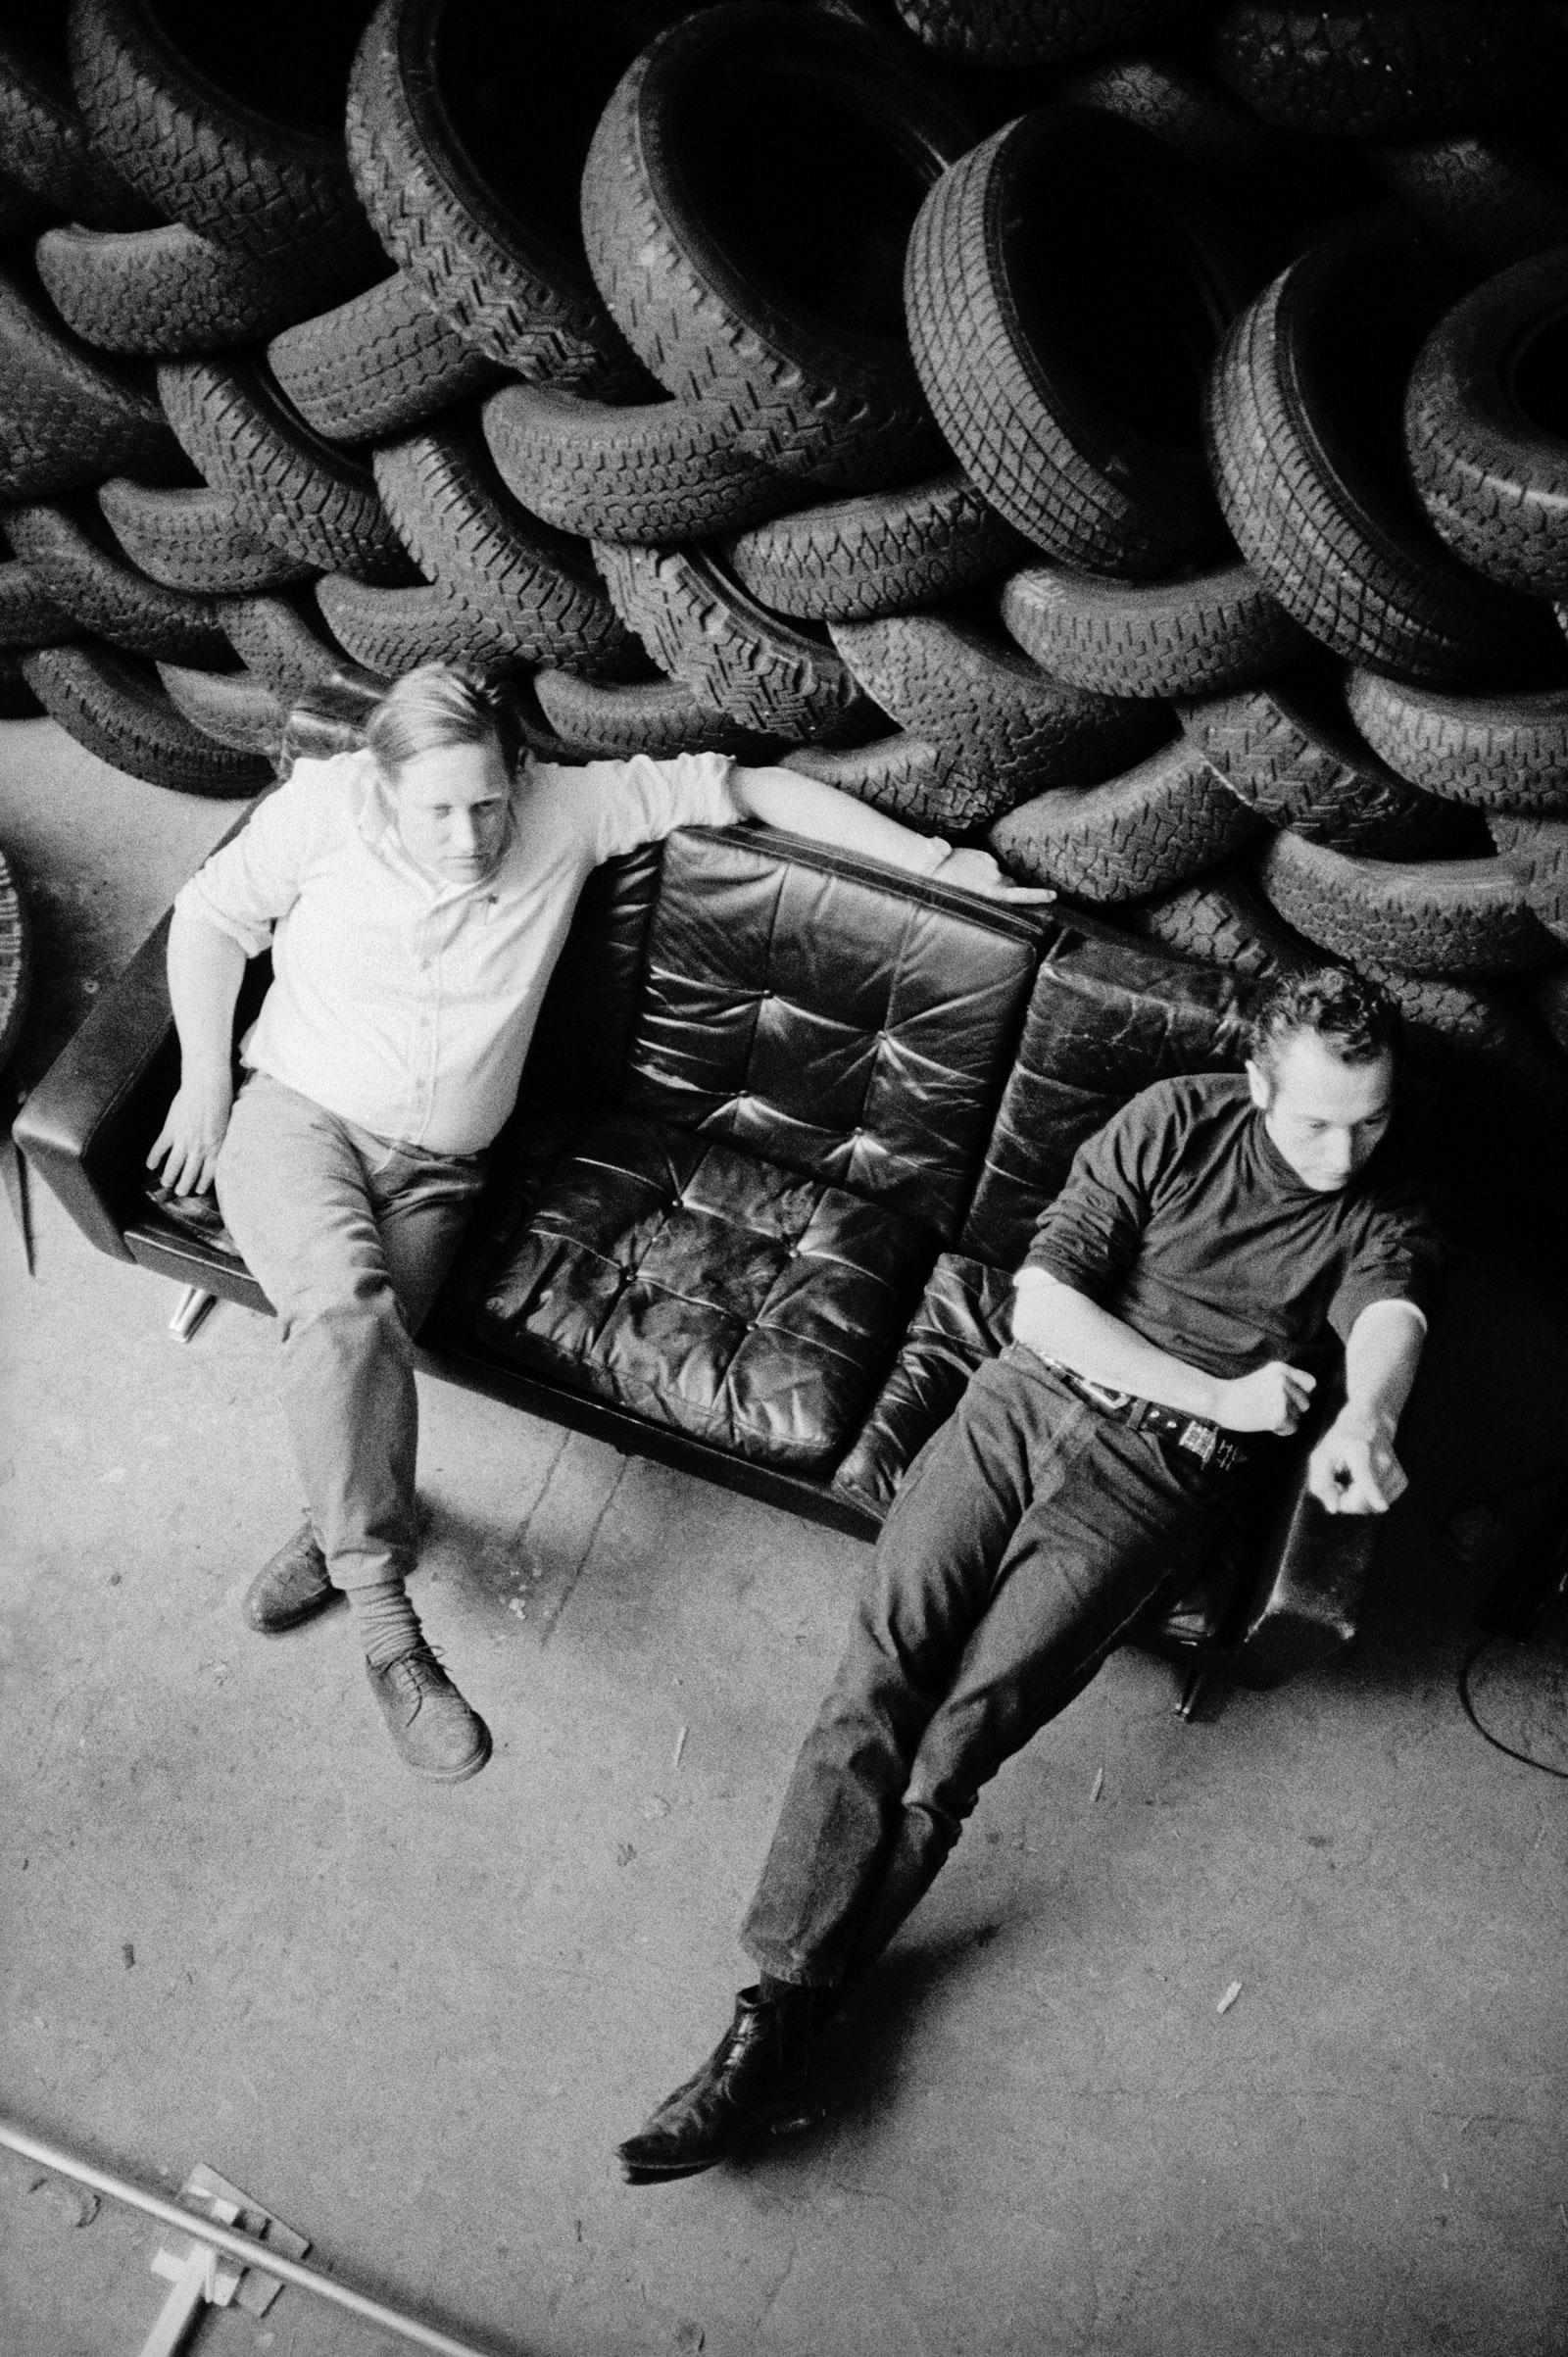 David Weiss and Peter Fischli in their Zürich studio, circa 1987